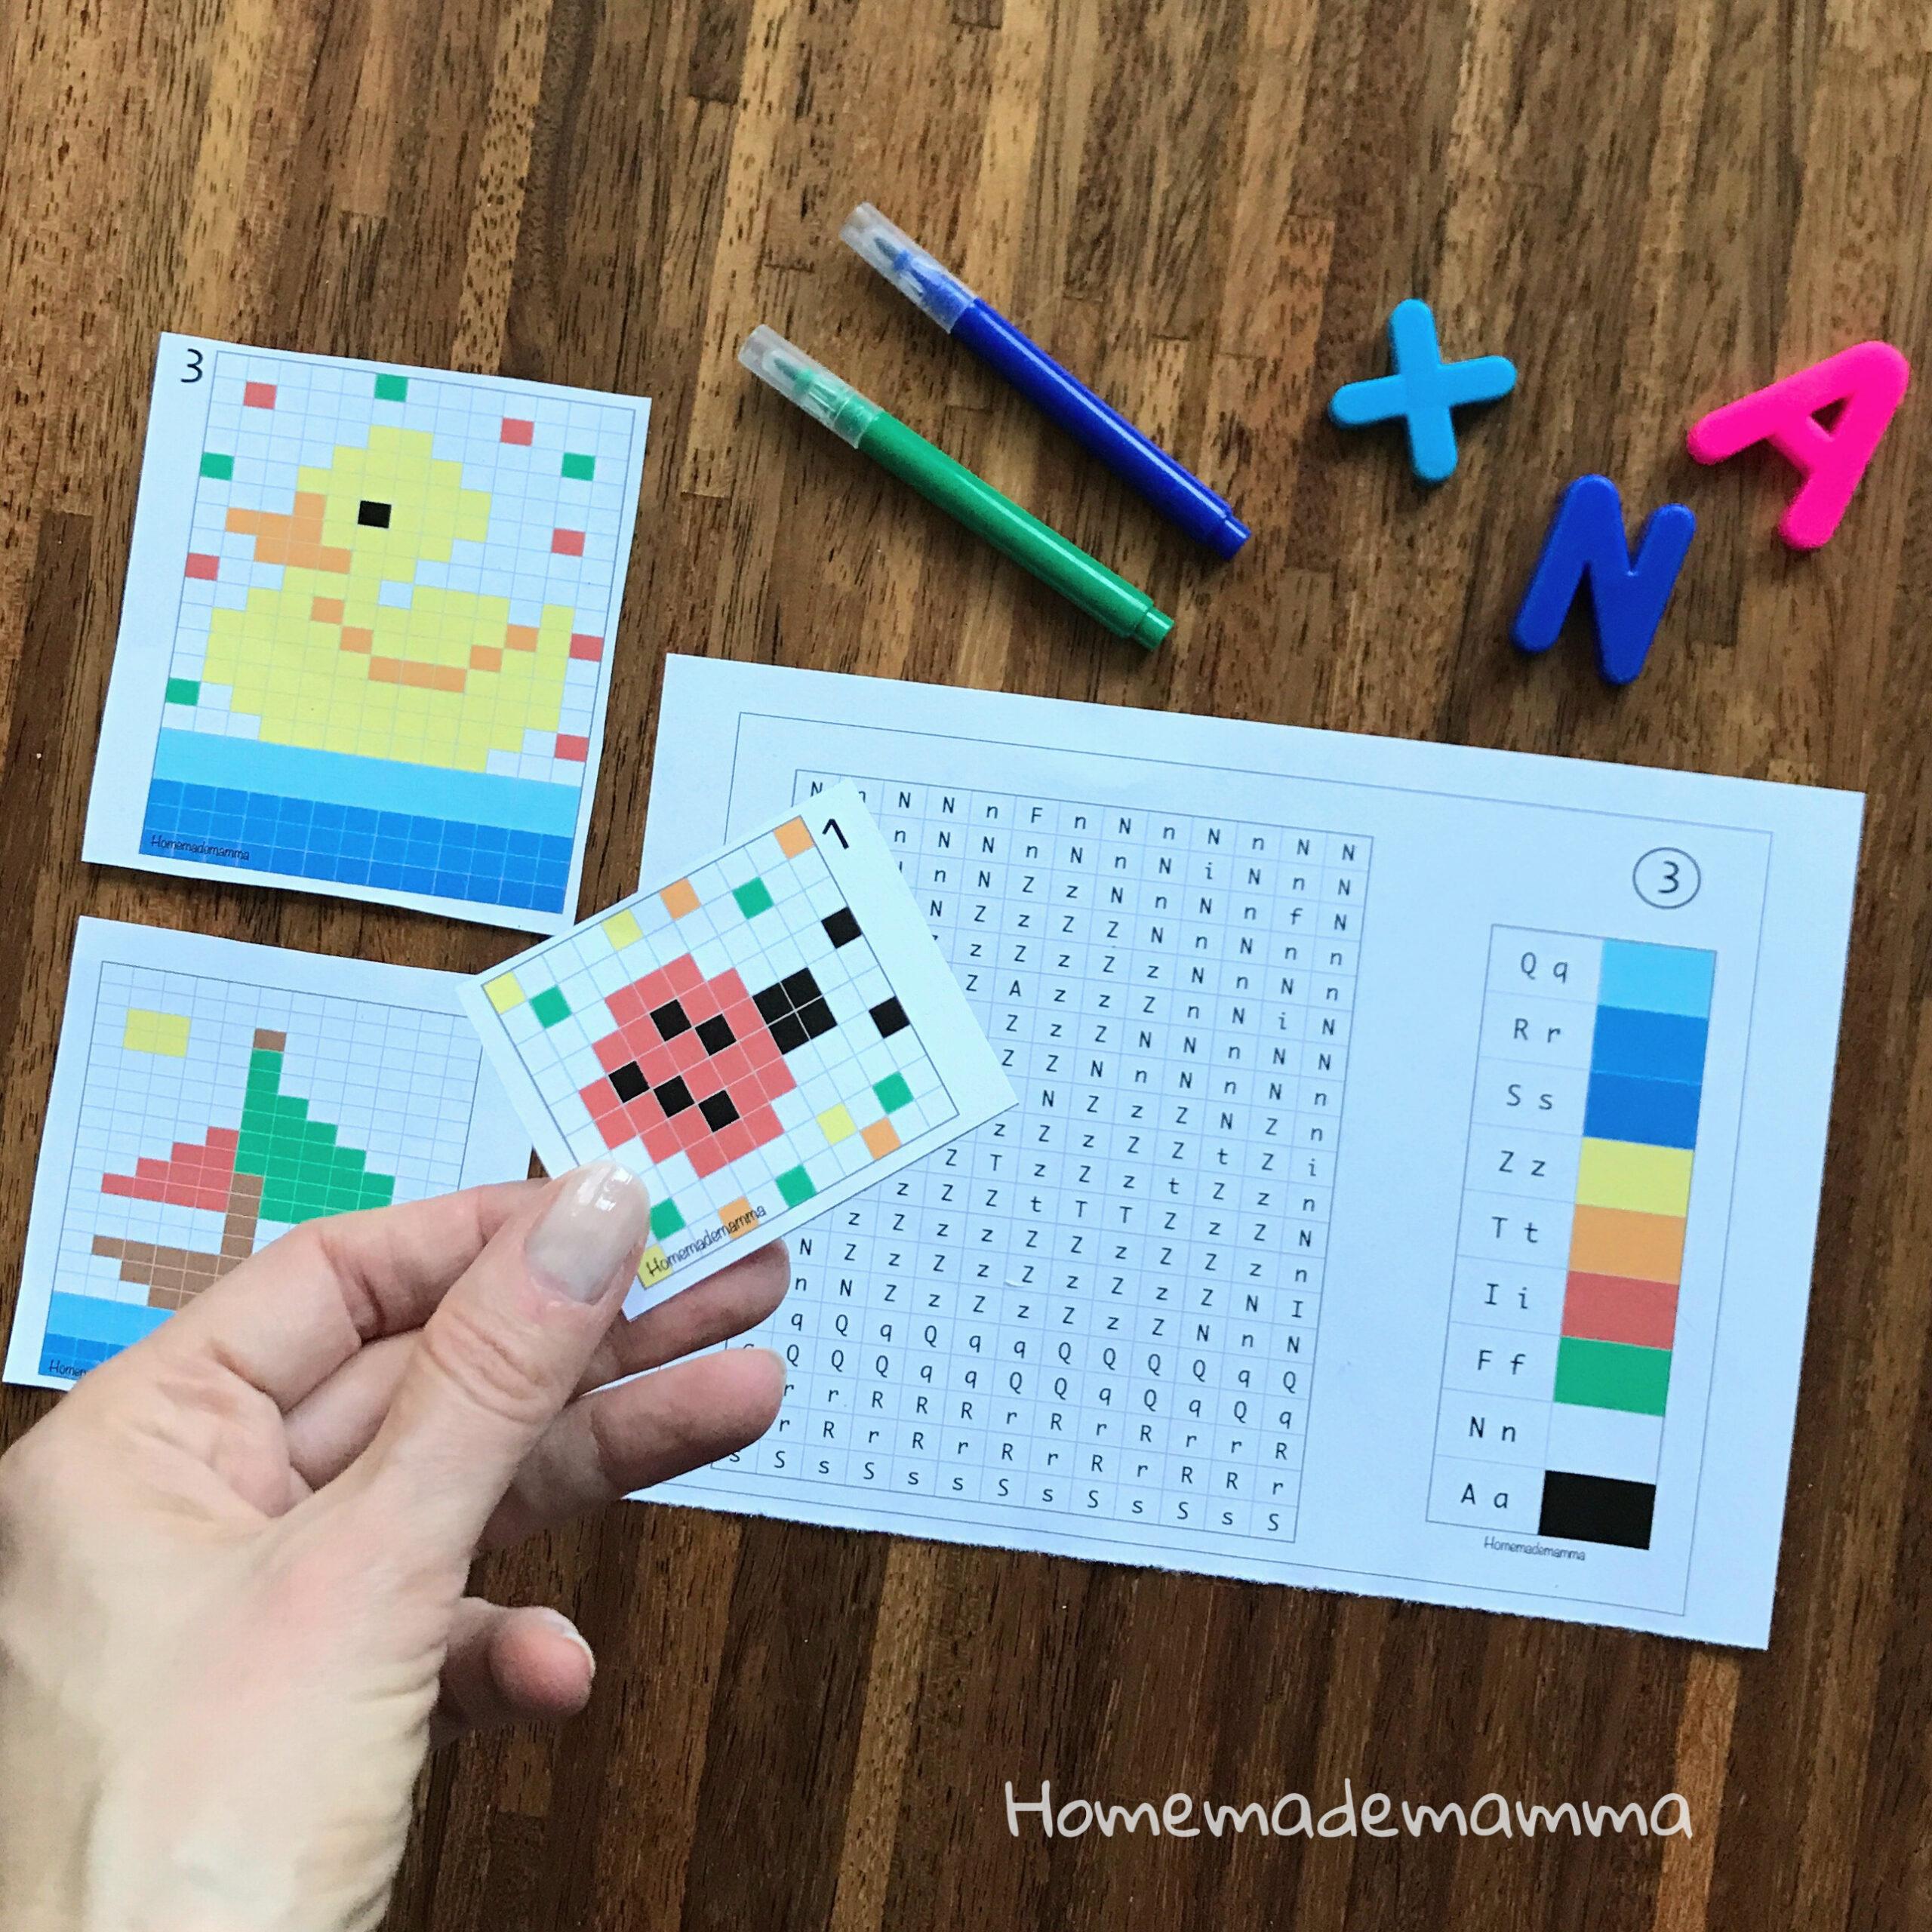 Schede Coding alfabeto da stampare colorare